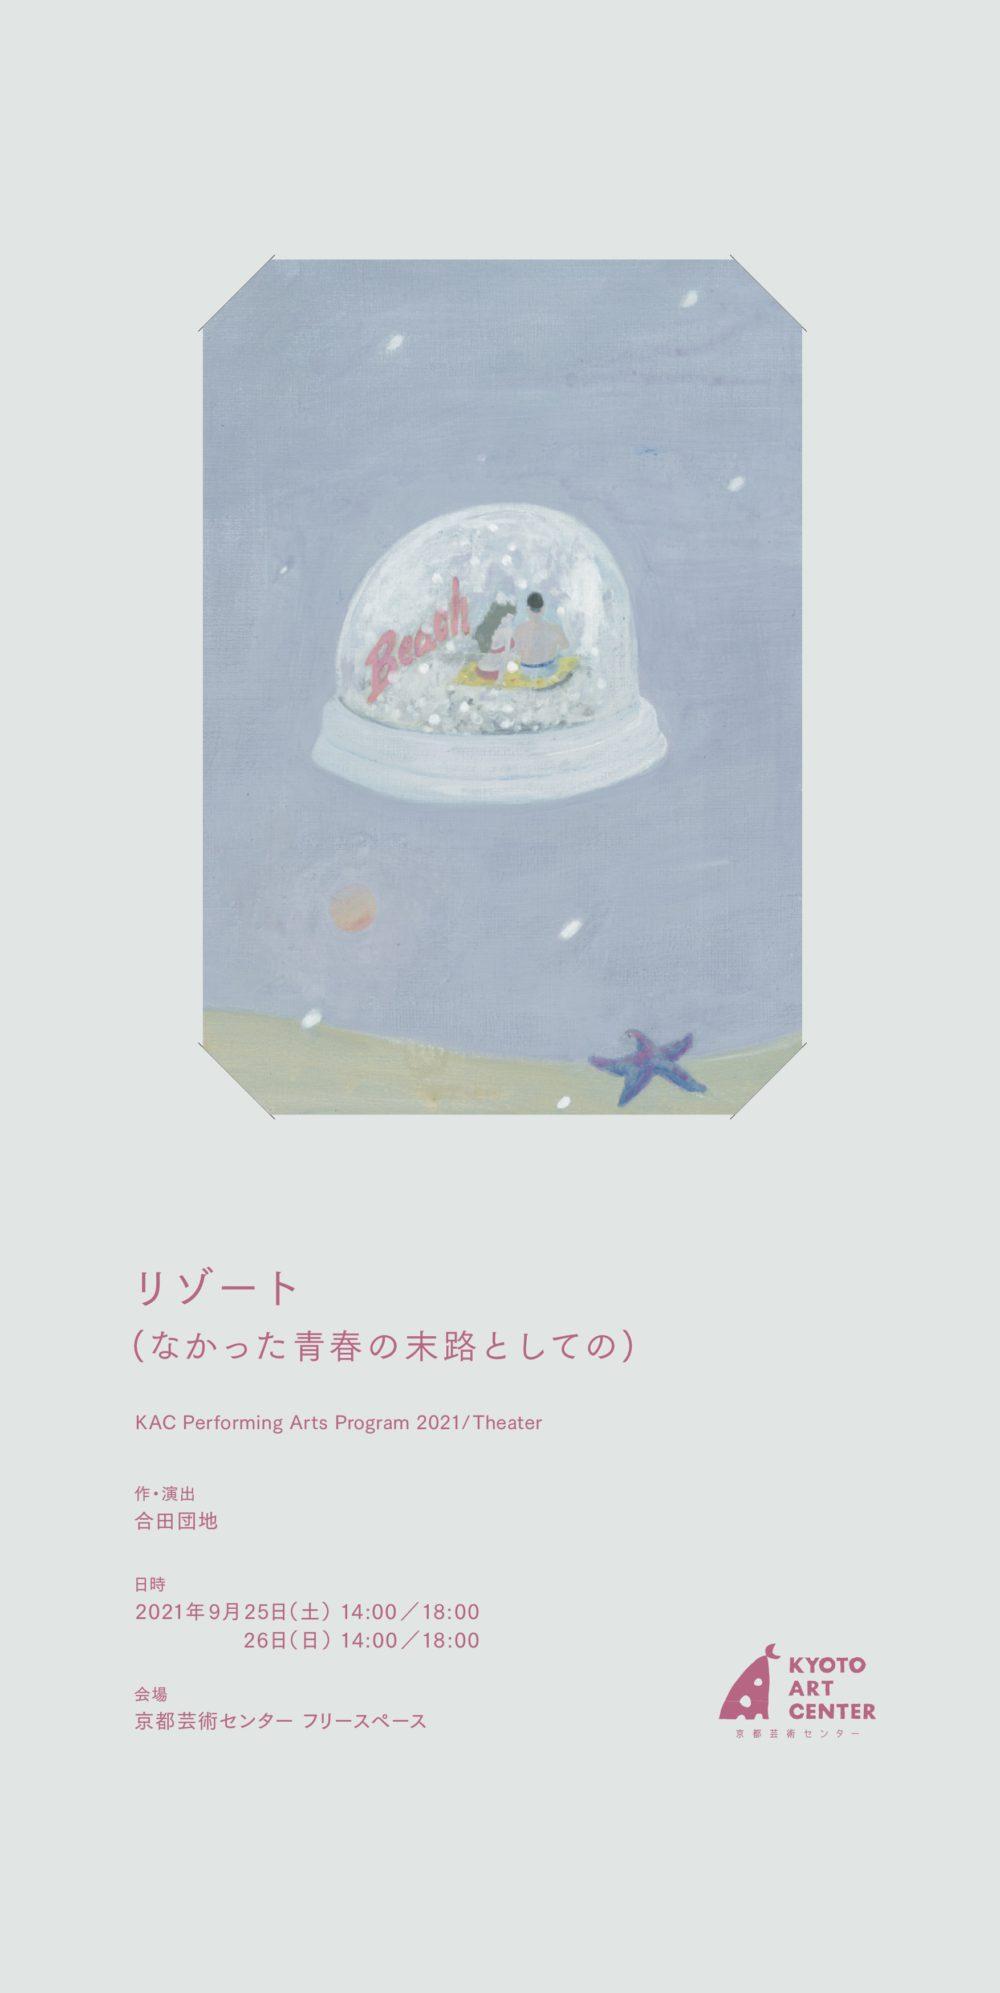 デザイン:関川航平